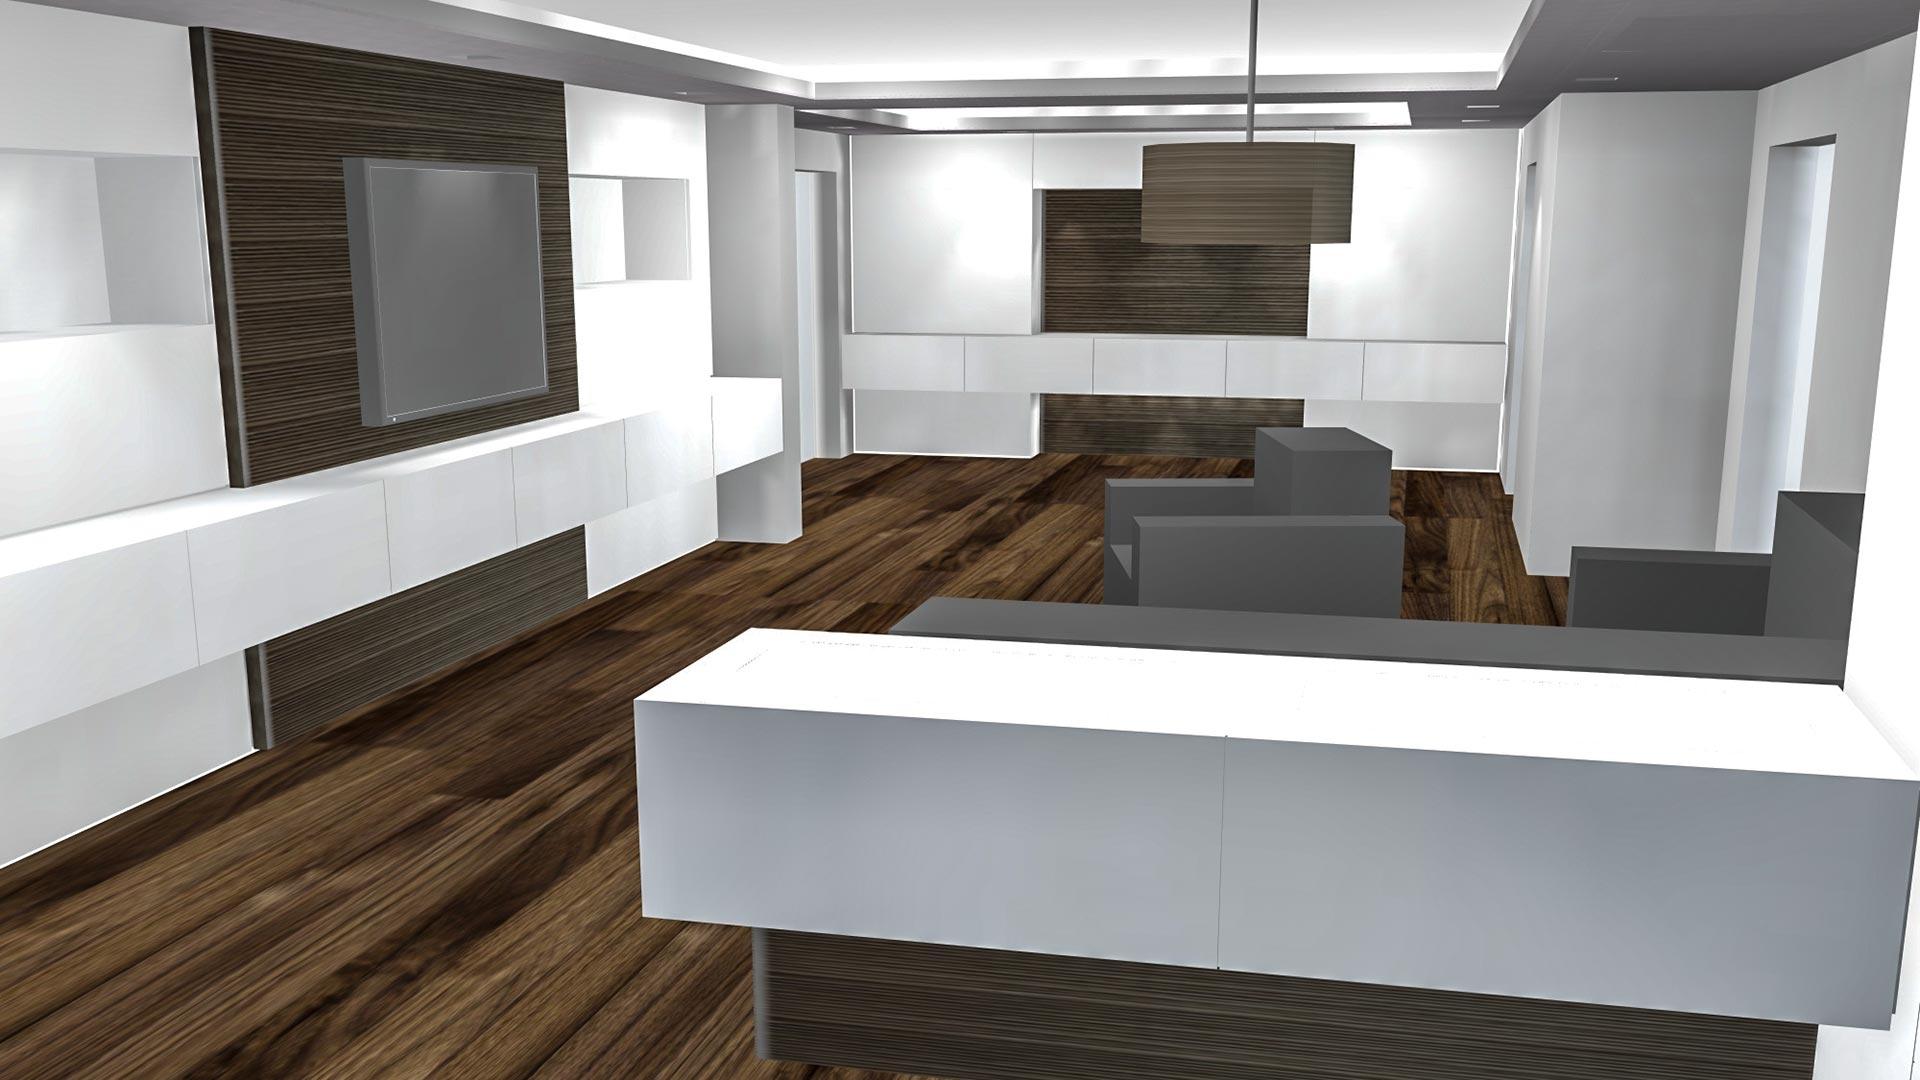 Details wie Oberflächen und Lampen sind in unserer 3D-Zeichensoftware schnell Ihren Wünschen angepasst